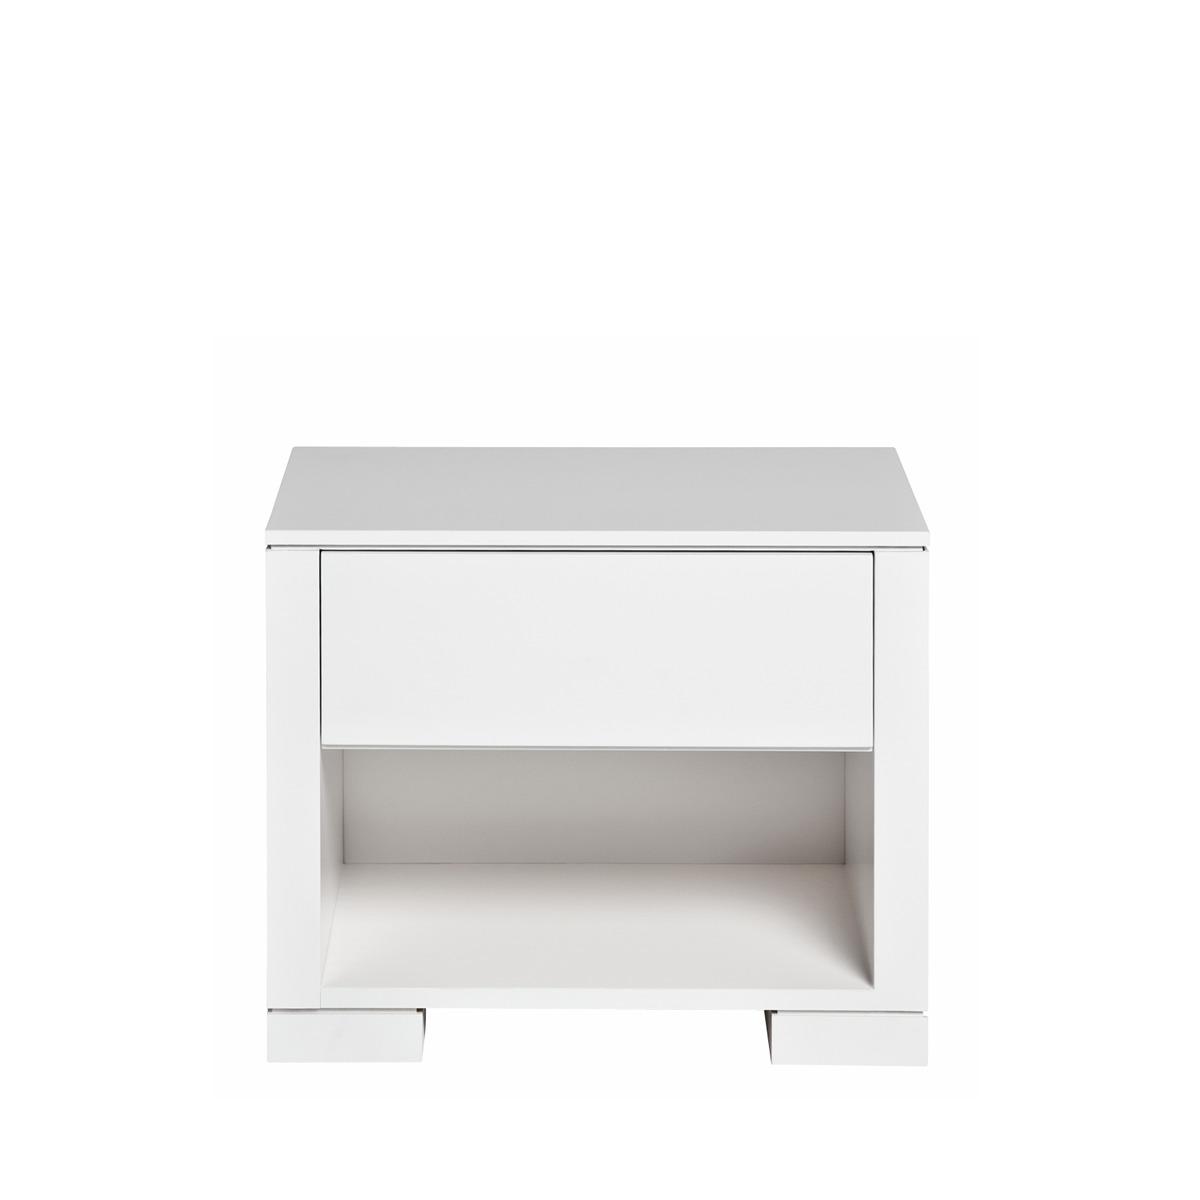 Revista muebles mobiliario de dise o for Ofertas muebles el corte ingles